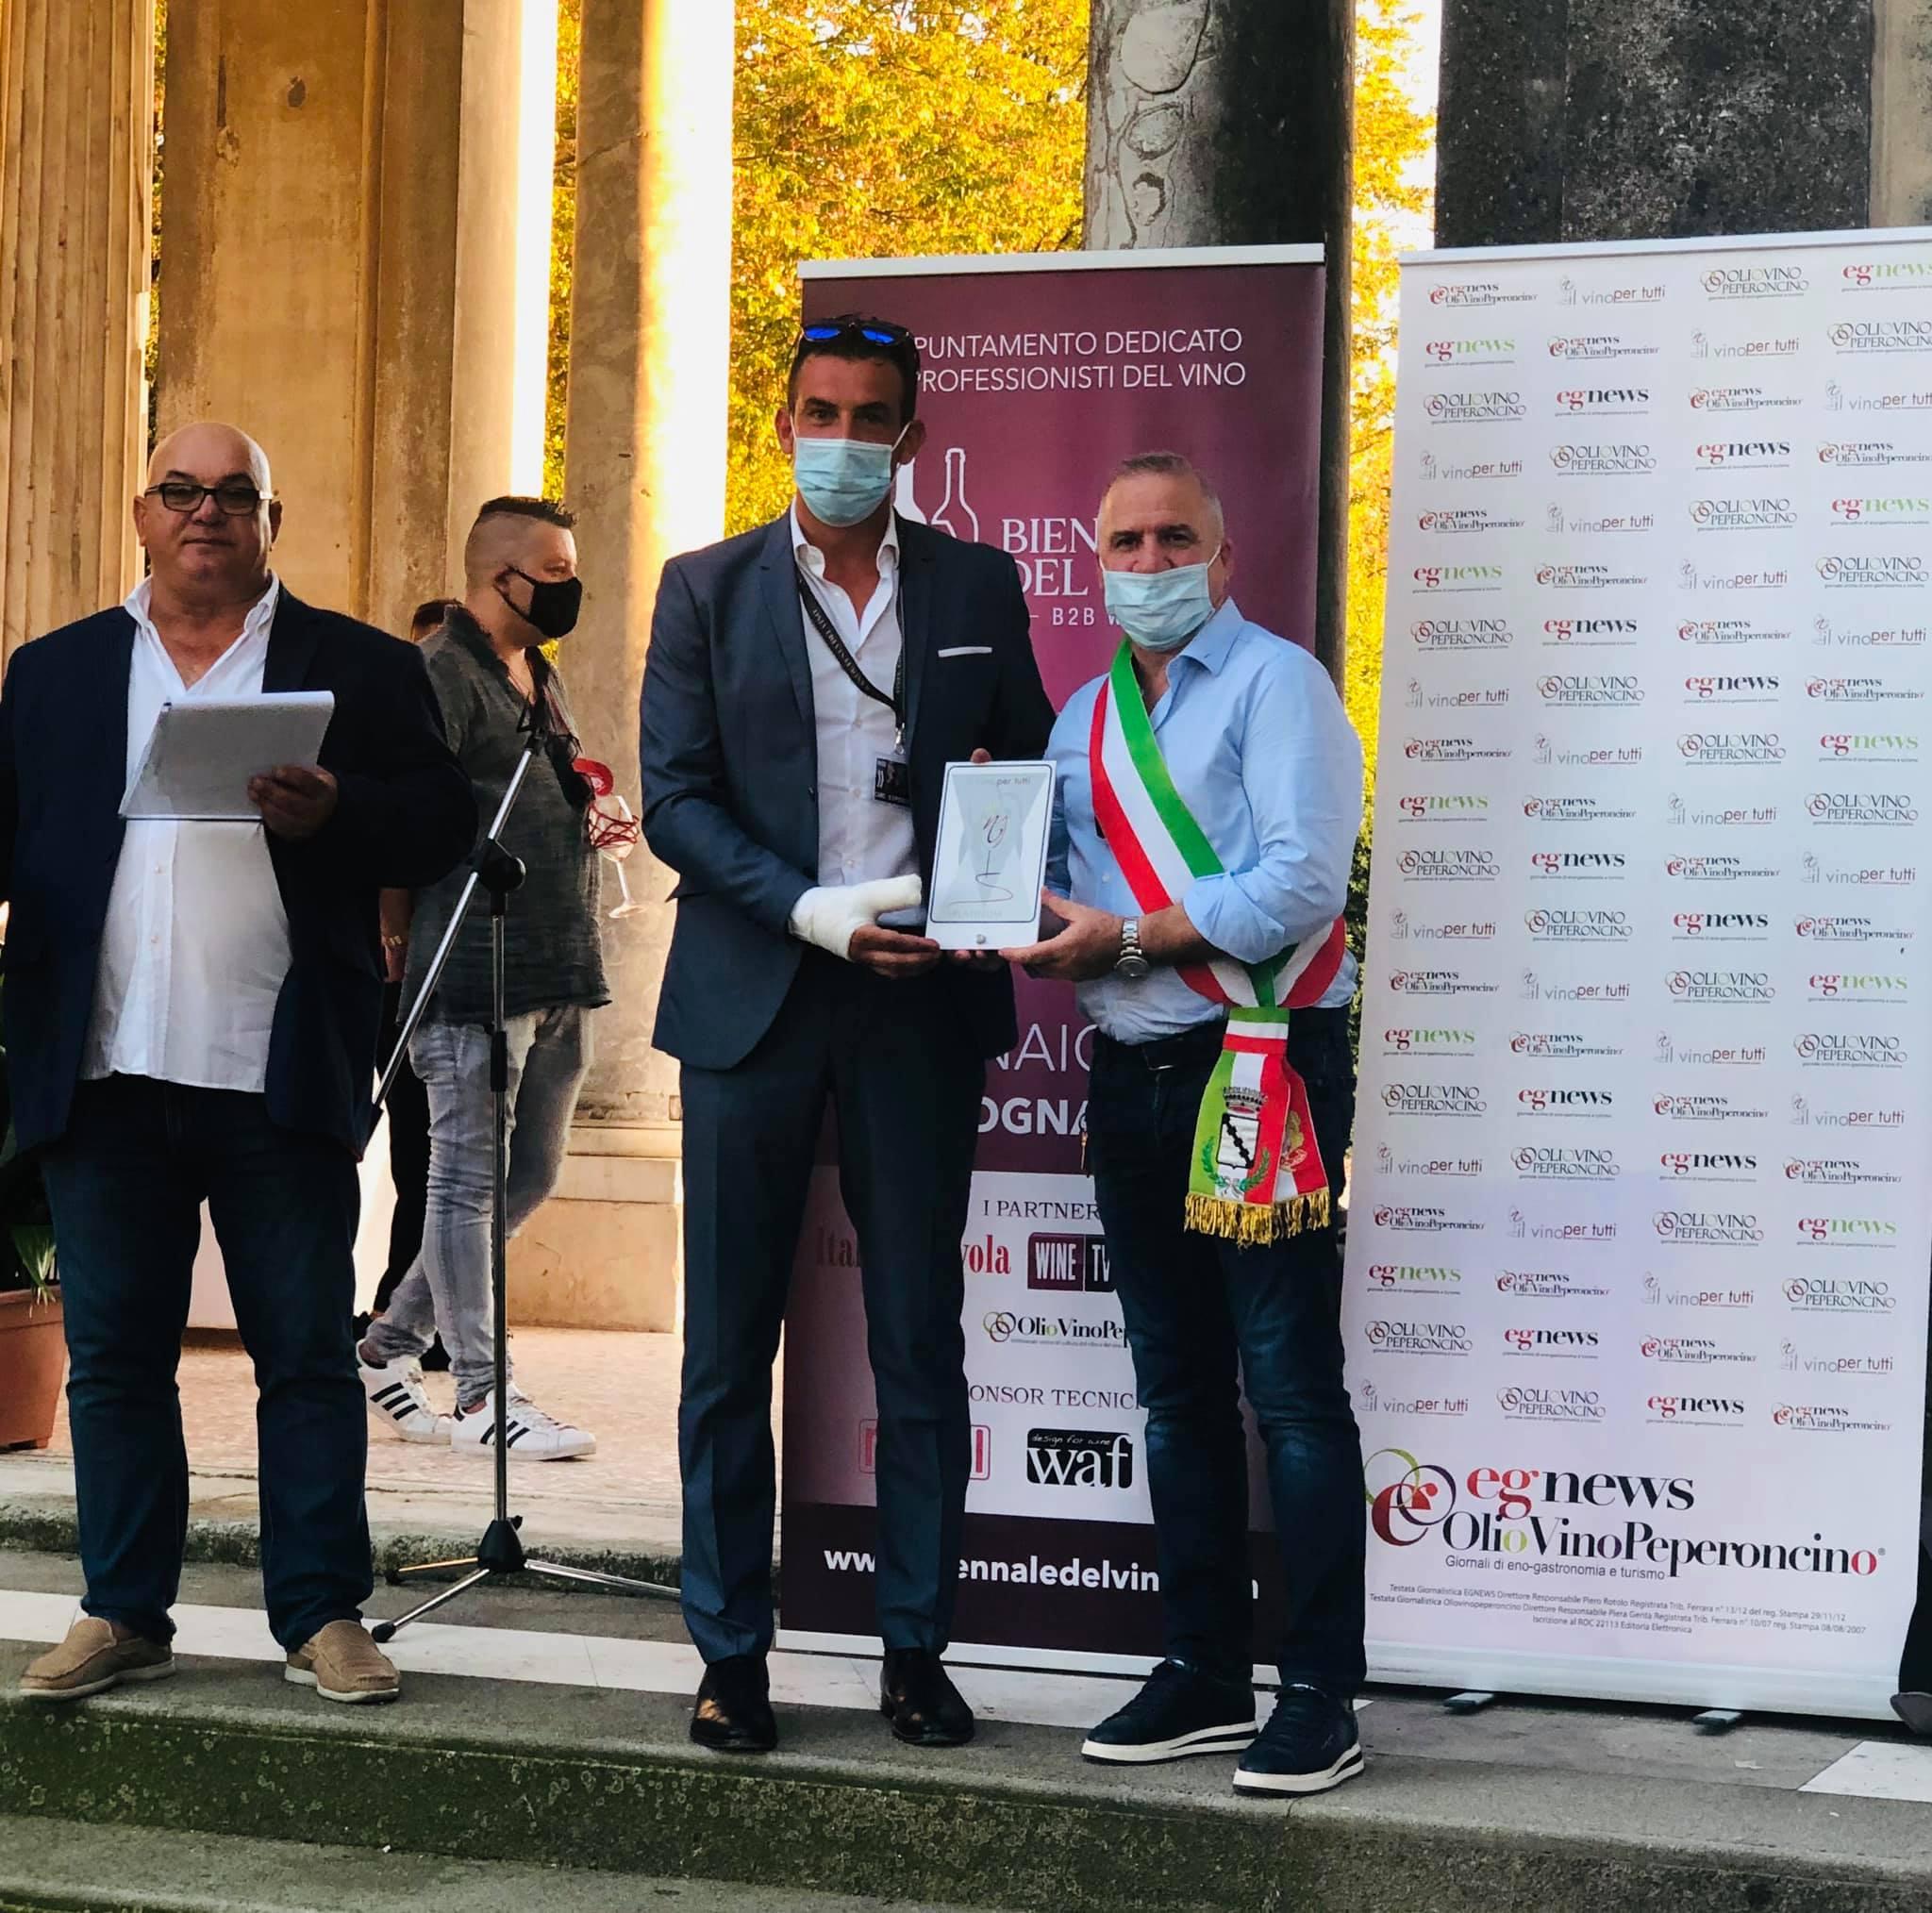 La Grande Festa del Vino a Villa Farsetti